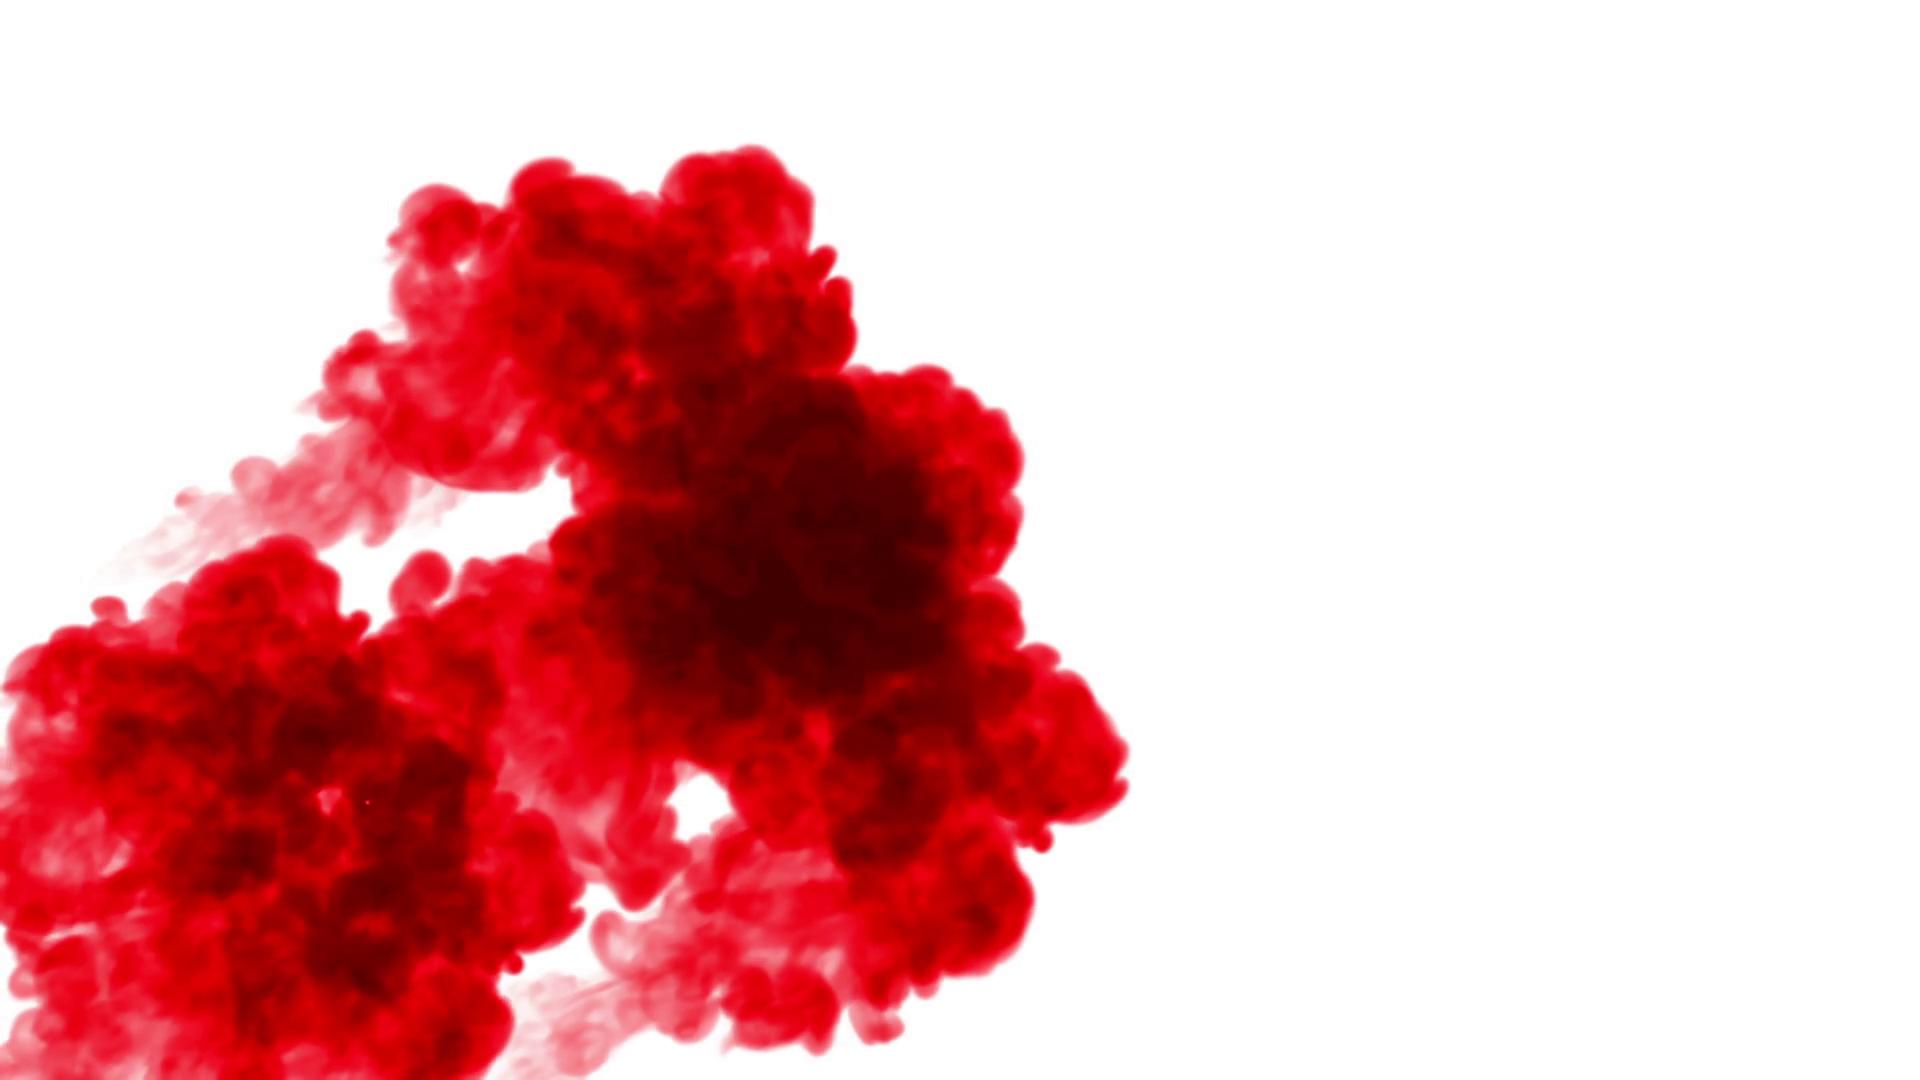 Red Smoke Png 7.